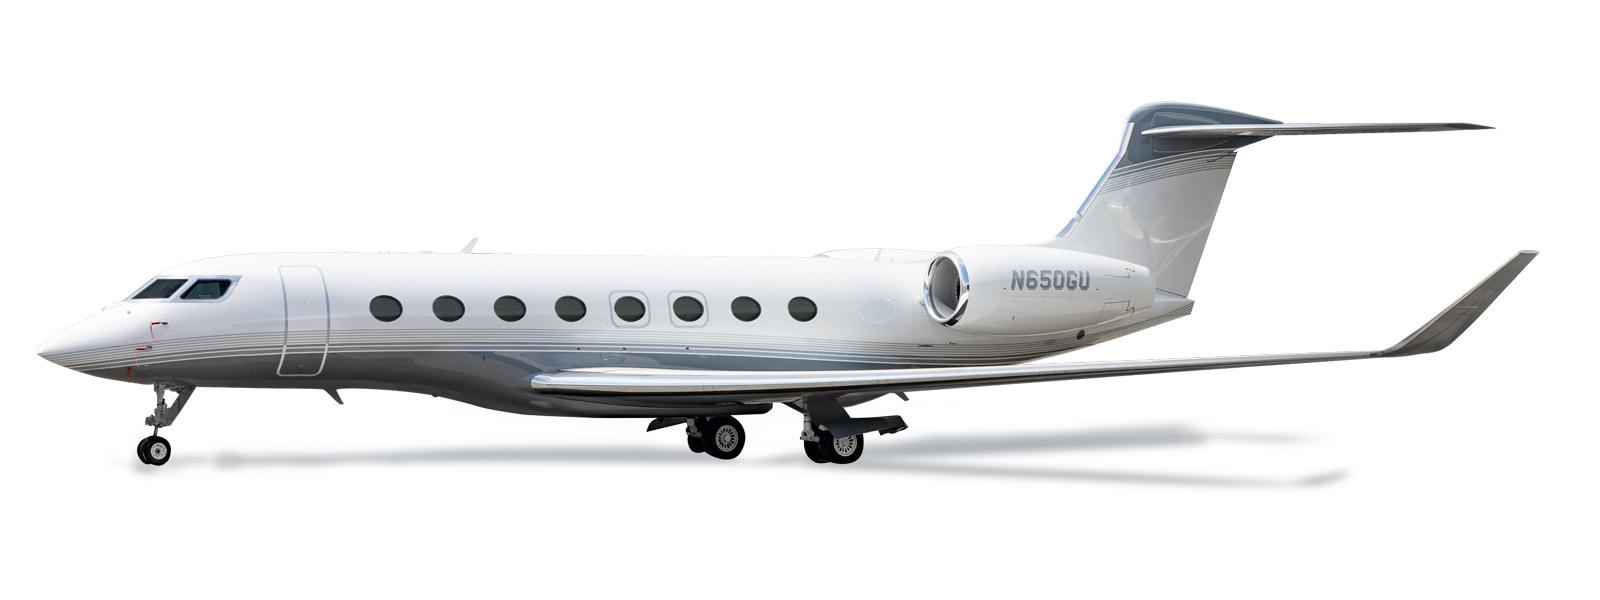 Gulfstream G650 Side